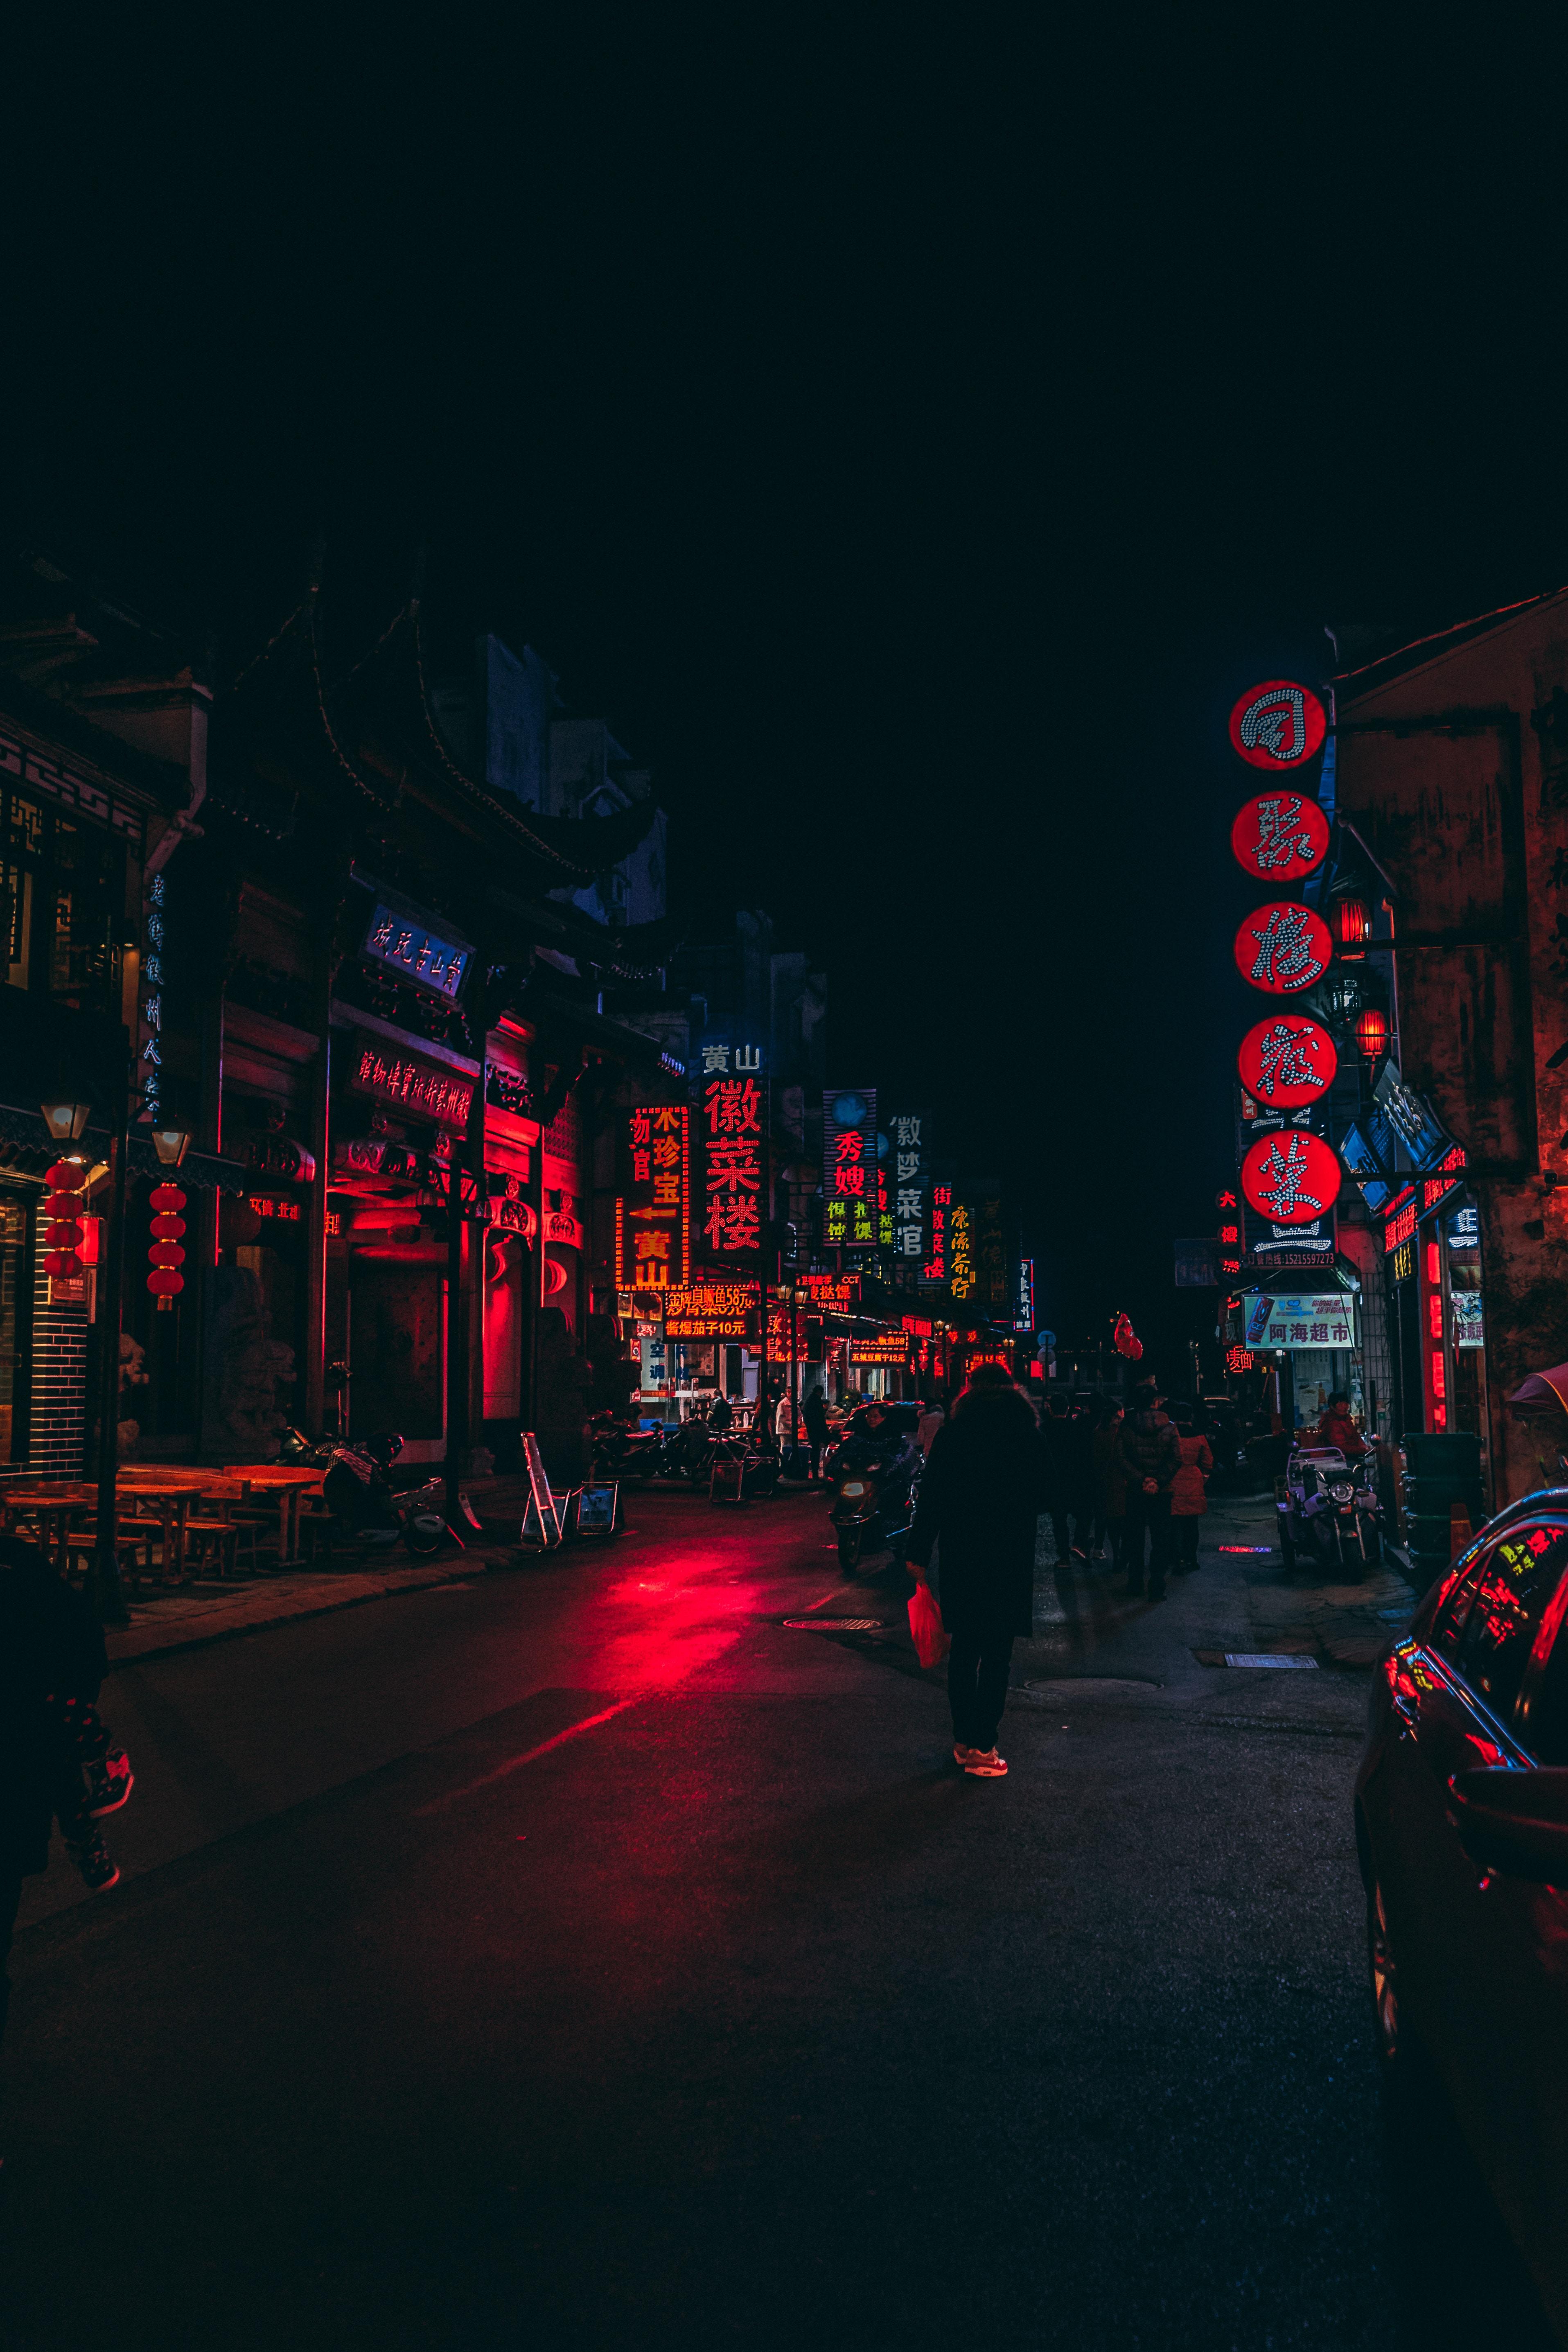 124047 Hintergrundbild herunterladen Stadt, Zeichen, Dunkel, Straße, Hintergrundbeleuchtung, Beleuchtung, Street, China, Schilder - Bildschirmschoner und Bilder kostenlos